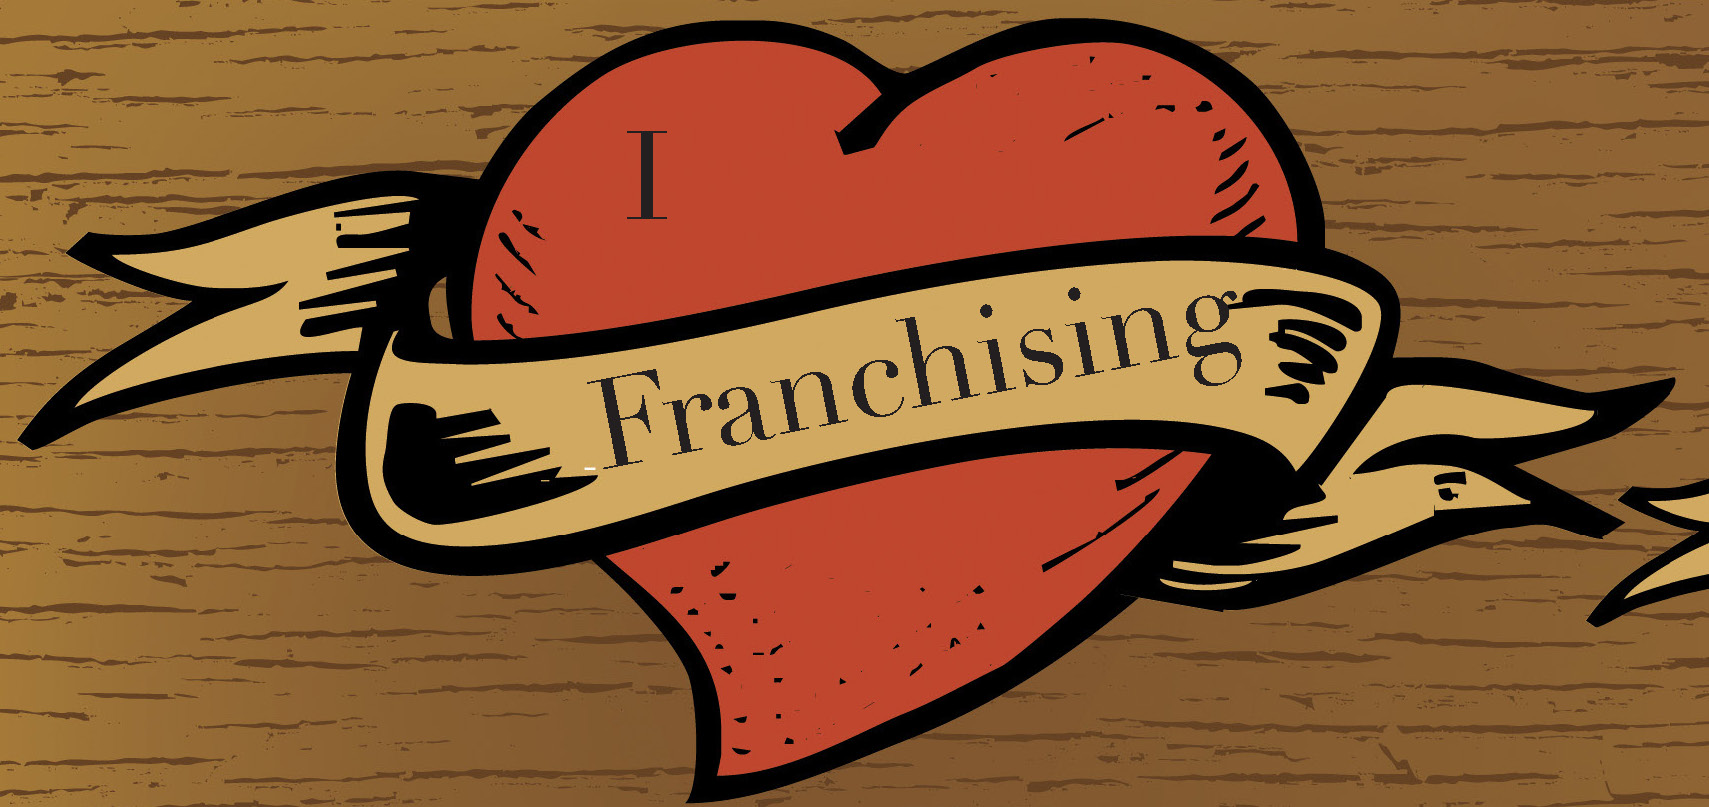 I love franchise business model image